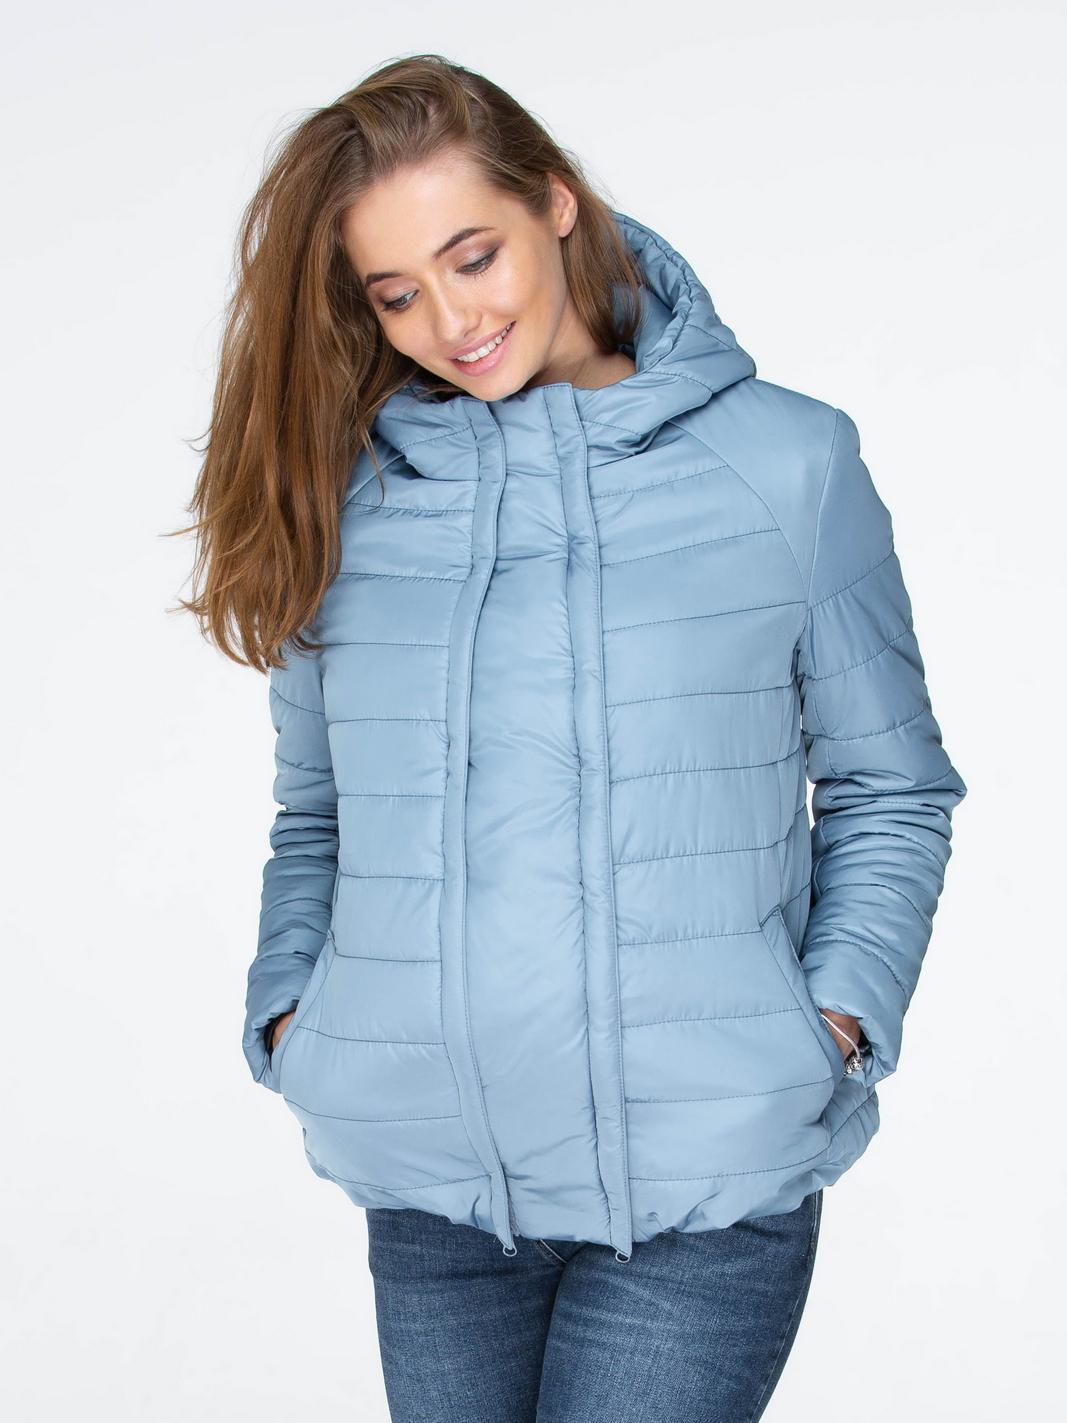 2cbed63d3a8f8e5 Верхняя одежда для беременных в интернет-магазине «Кидстер» | Купить ...